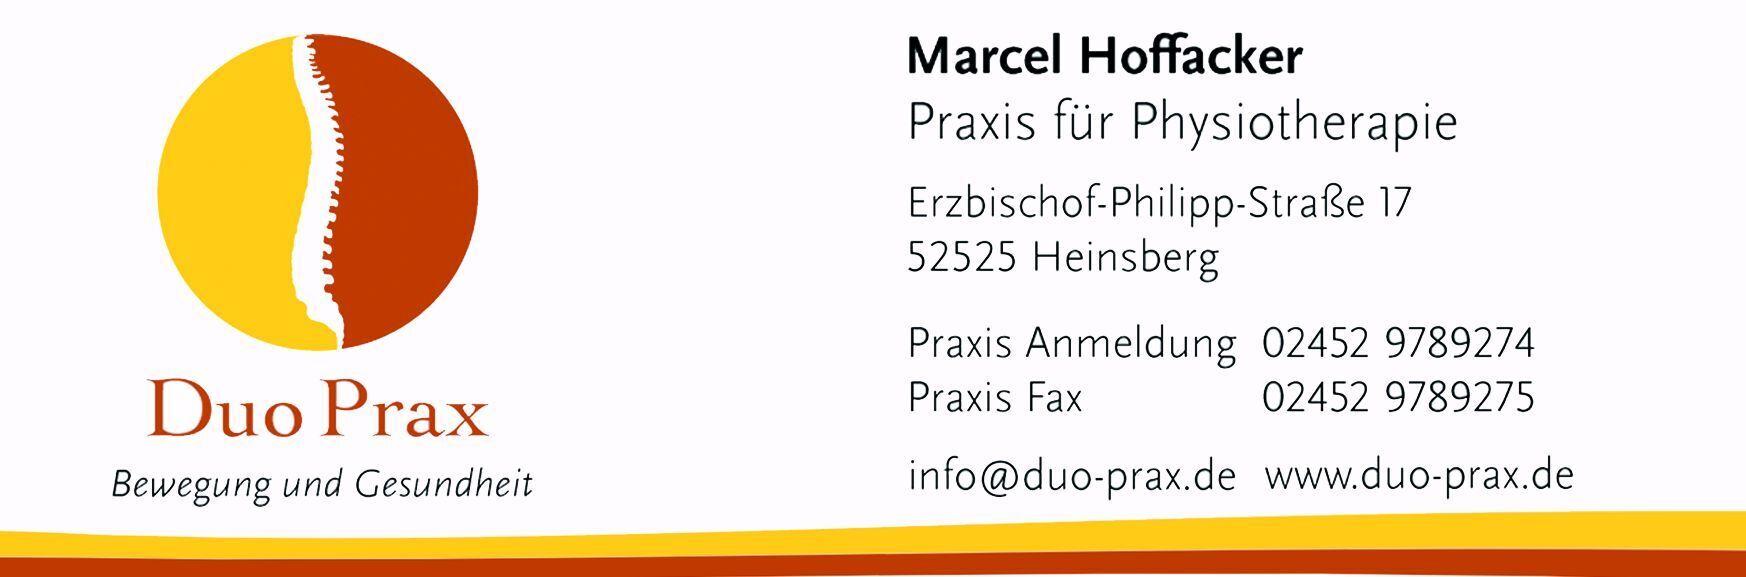 Duo Prax